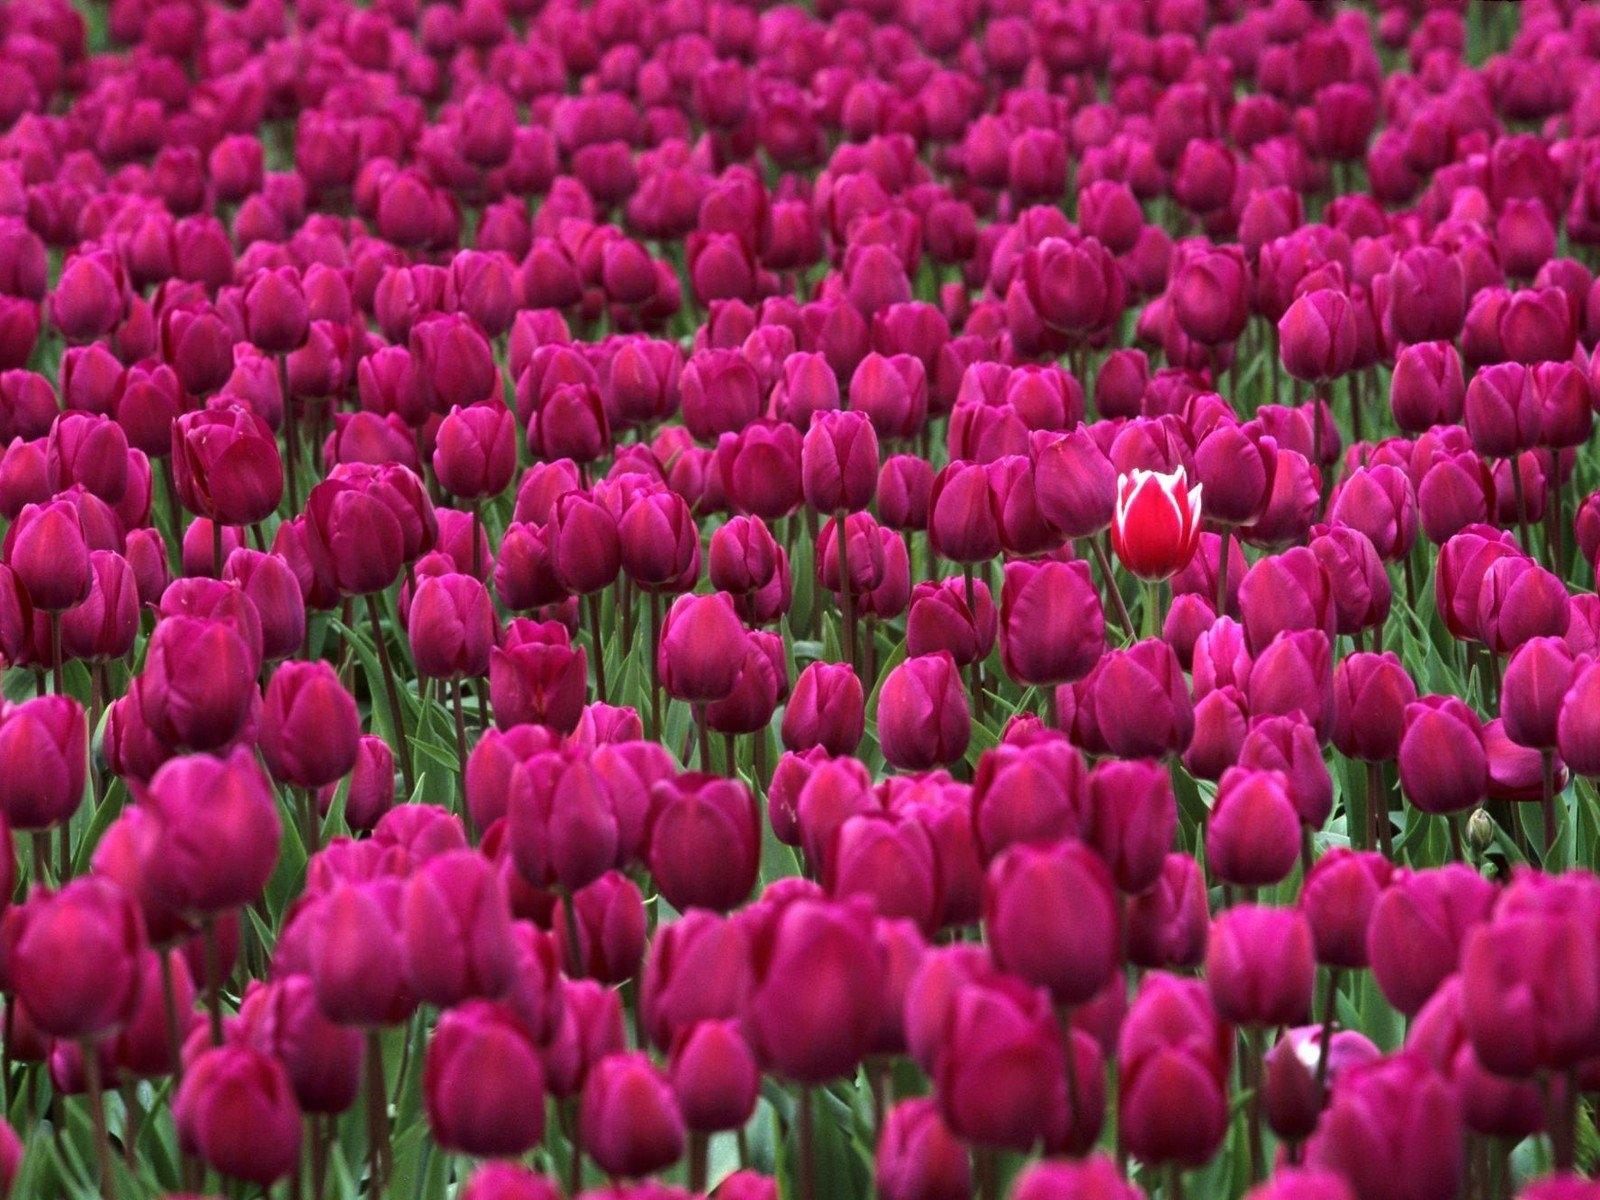 красивые тюльпаны очень фото было делать